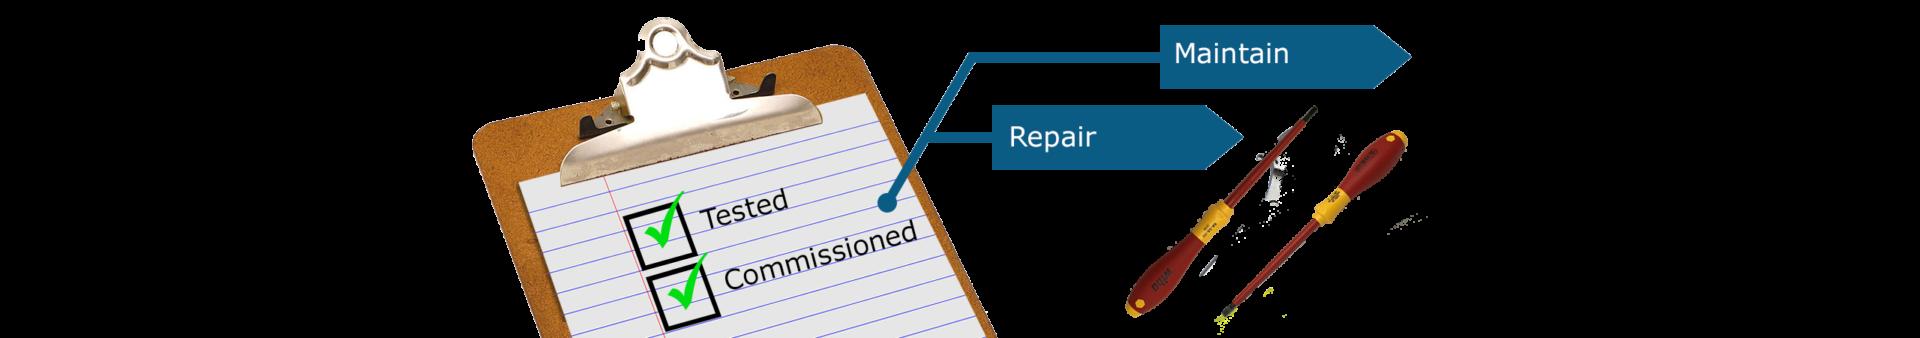 Repair and Maintenance Banner